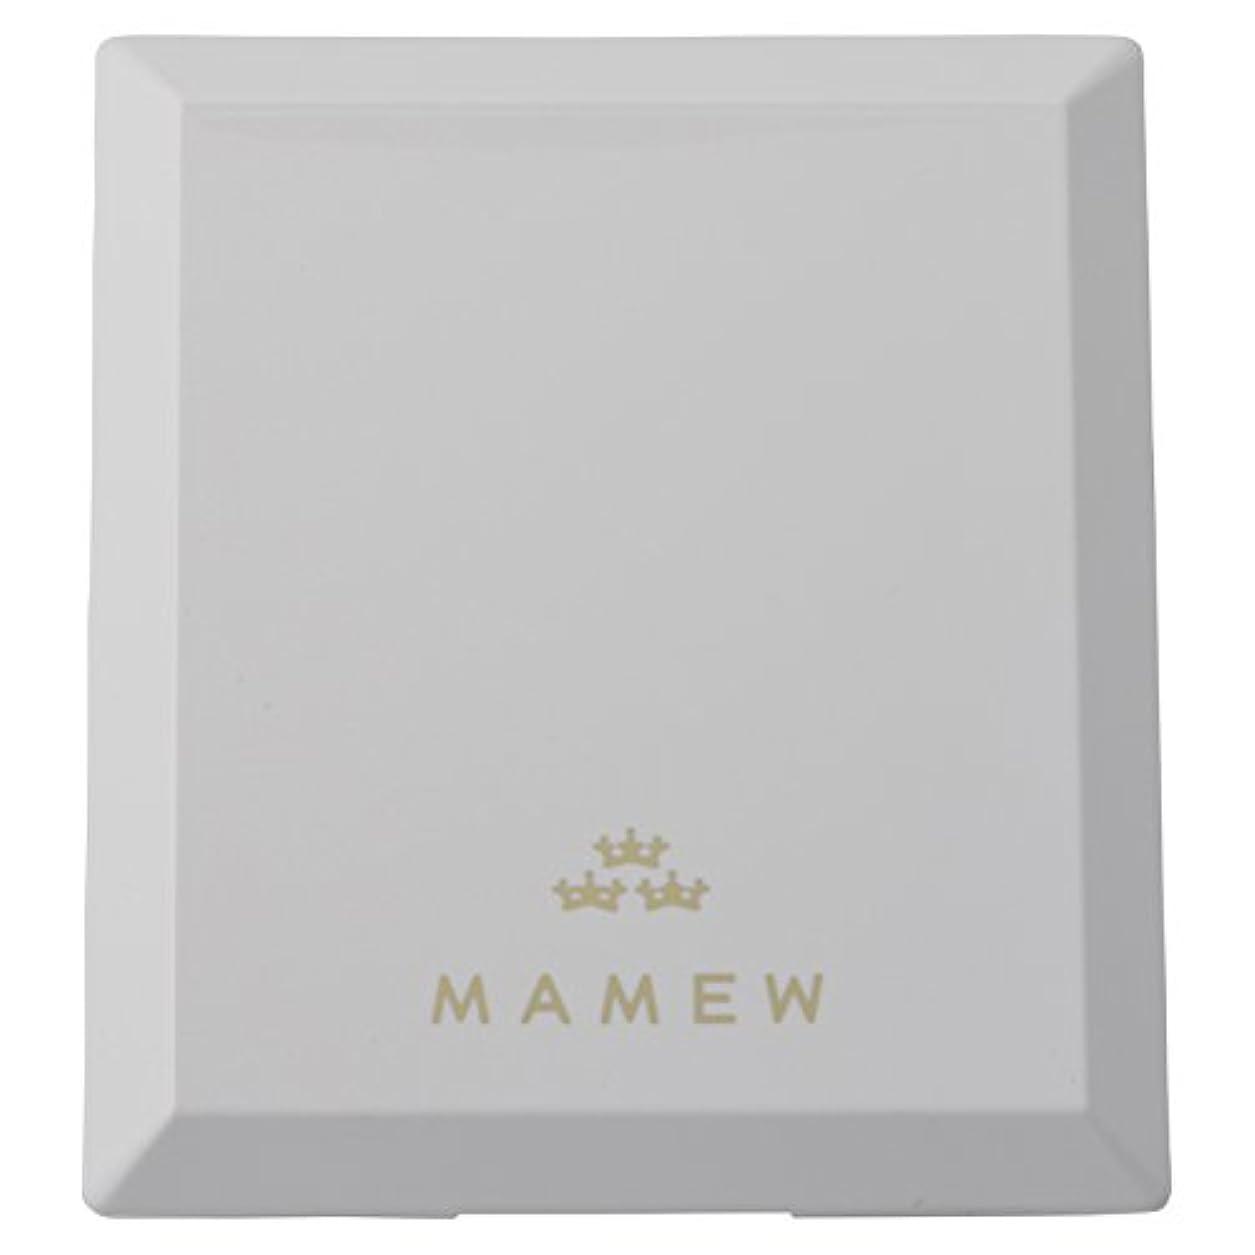 最大限付ける抑圧するMAMEW(マミュ) カラーコレクションケース-メイクパレッド 鏡付き